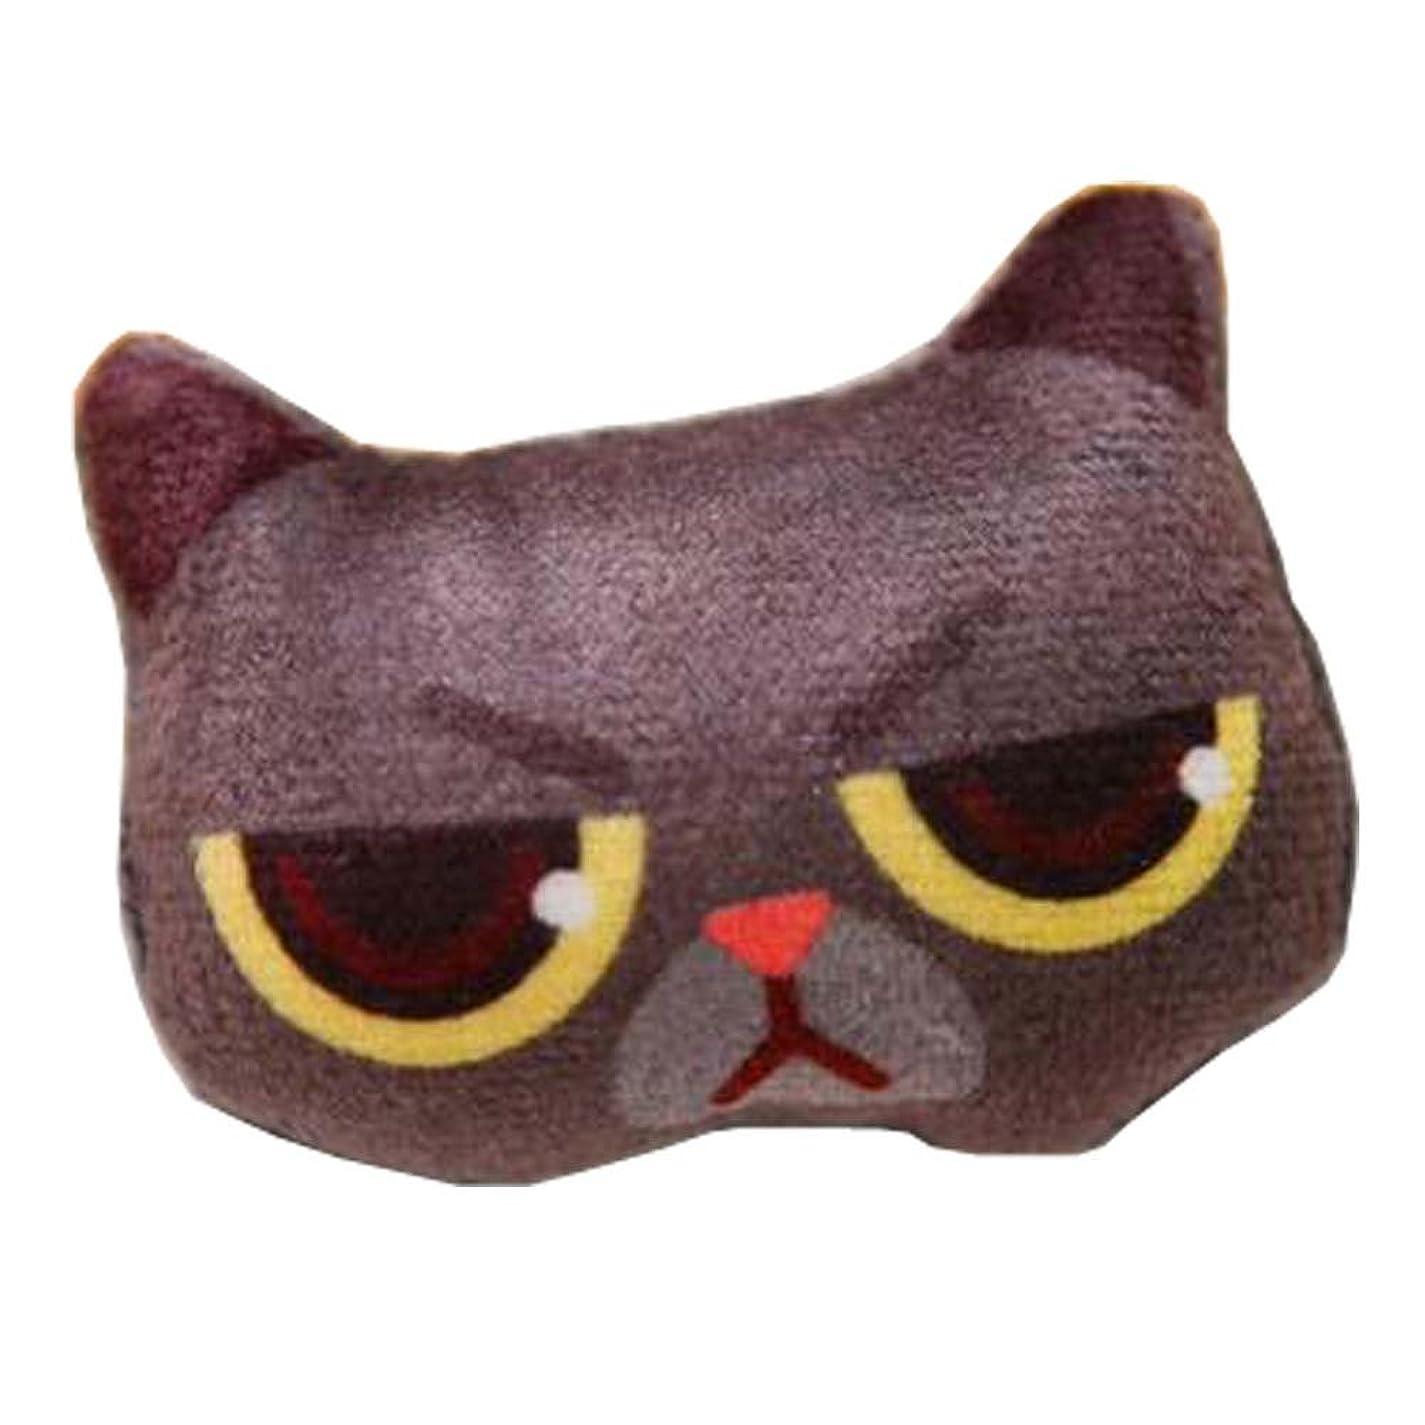 資格情報大脳スラックファニーブローチ/ラブリーバッグ装飾品/猫模様衣類アクセサリー